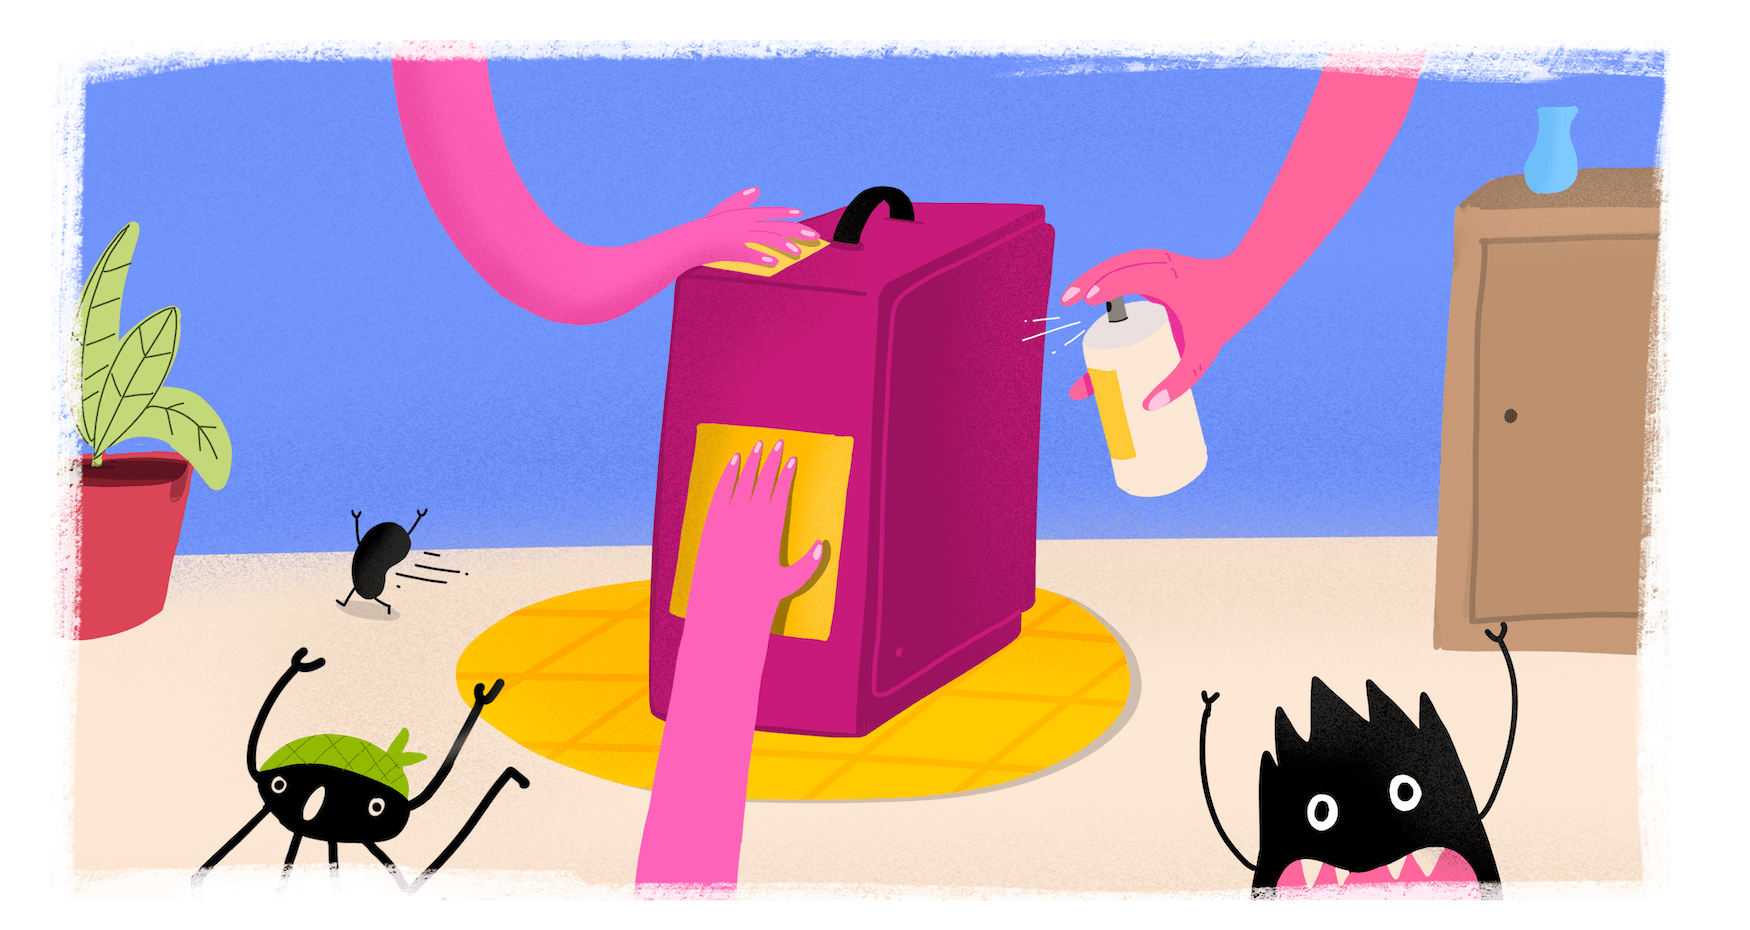 Drei Hände sprühen Koffer mit Desinfektionsmittel voll, Bakterien laufen weg